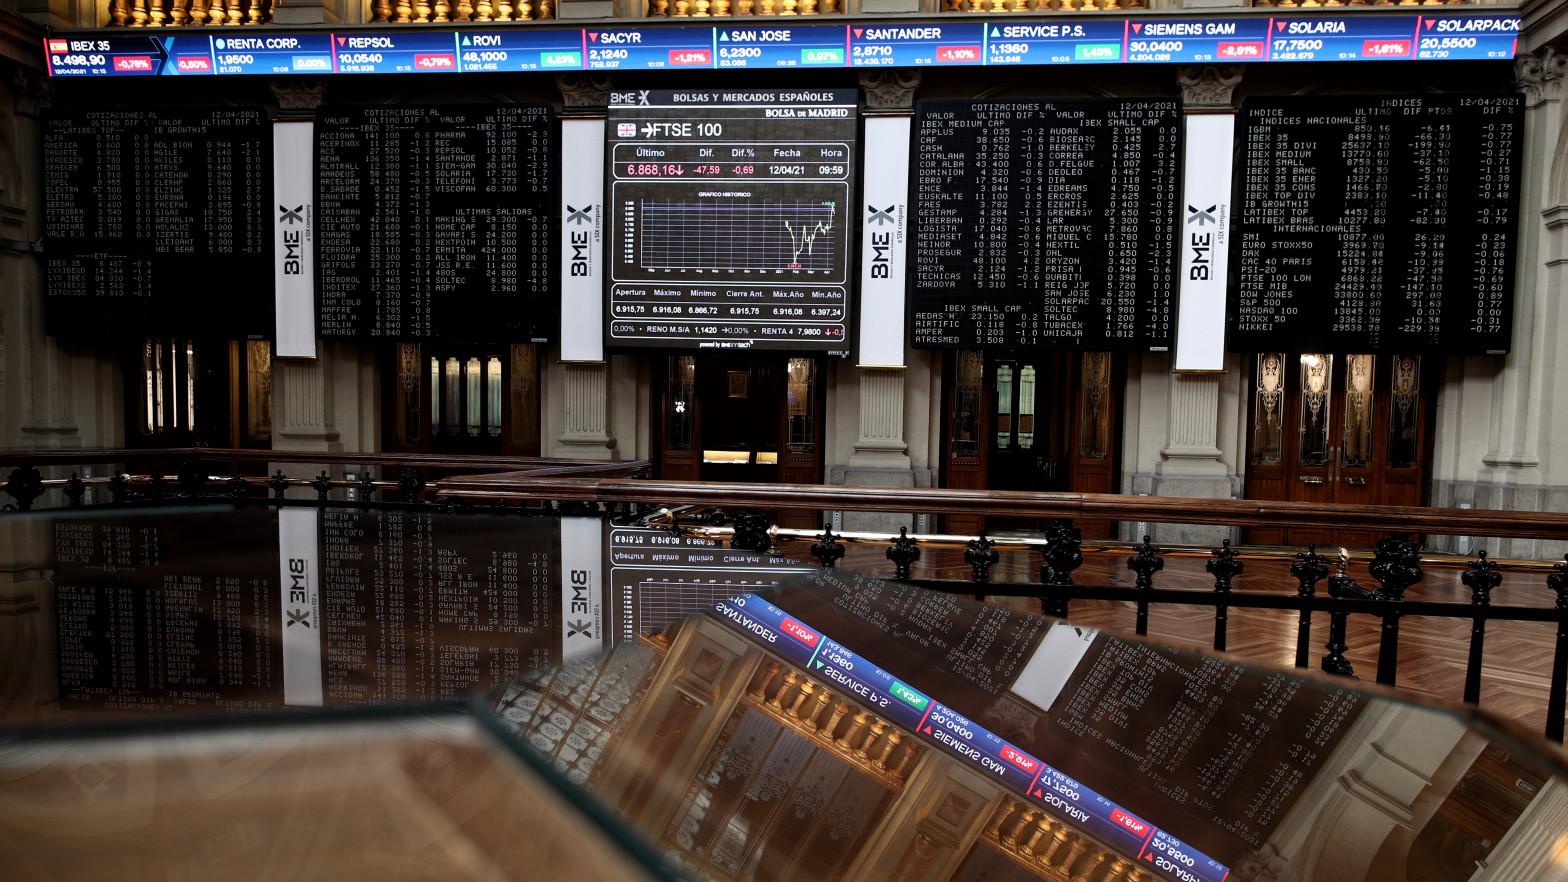 La Bolsa cae un 2,4% y cierra su segundo peor resultados del año ante el alza de los contagios